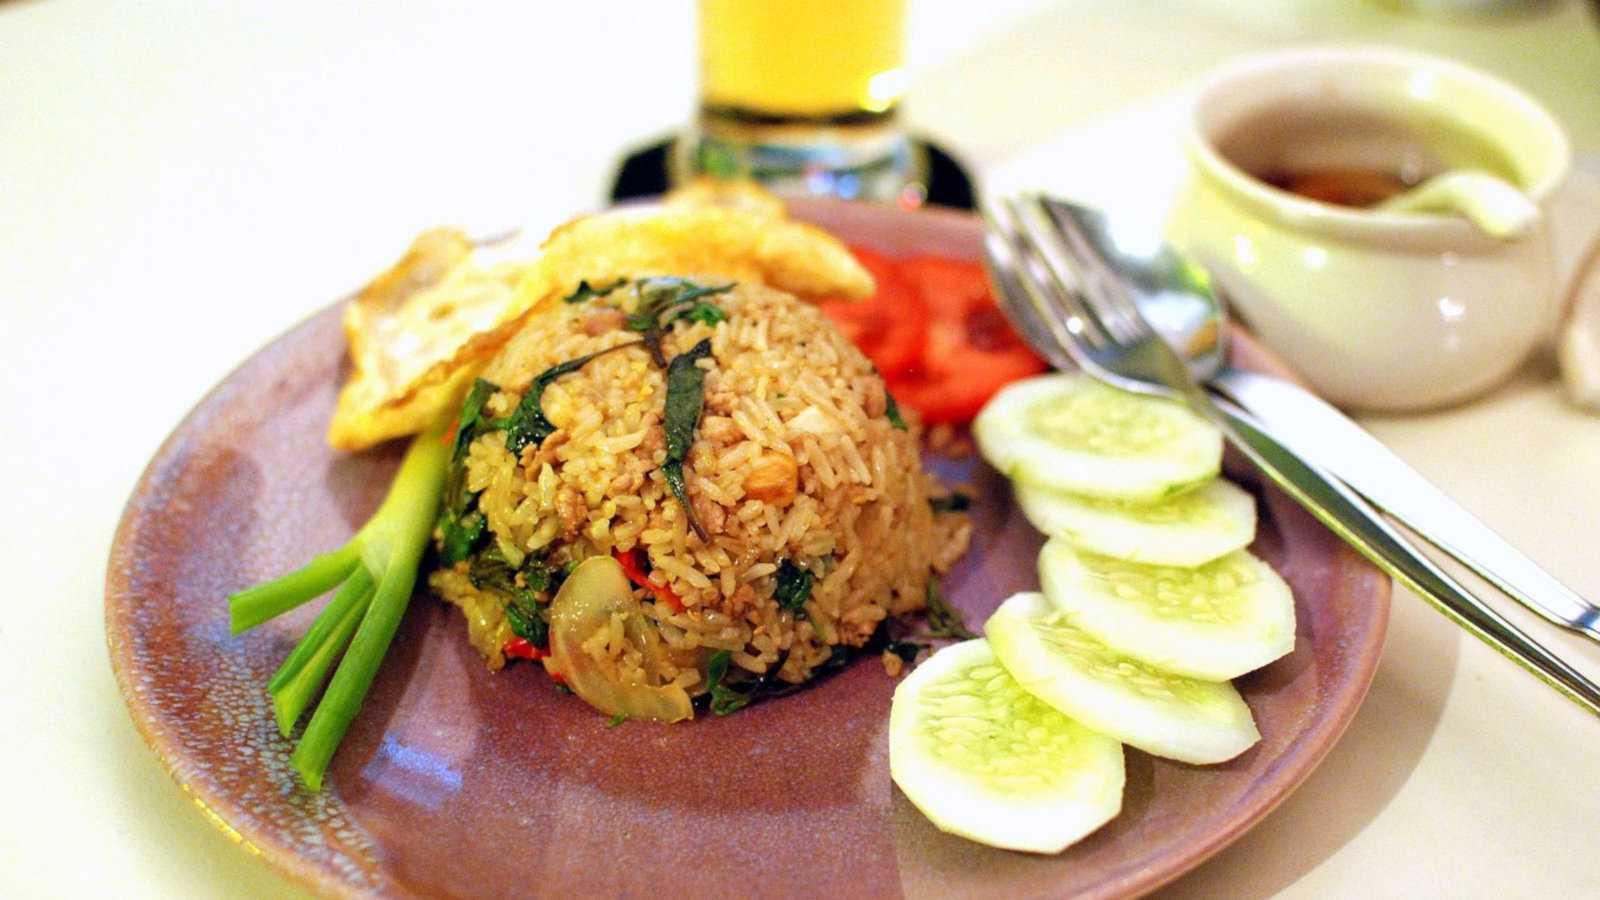 A versão tailandesa de arroz frito usa um molho de peixe picante como base, em vez de molho de soja, como o arroz frito chinês